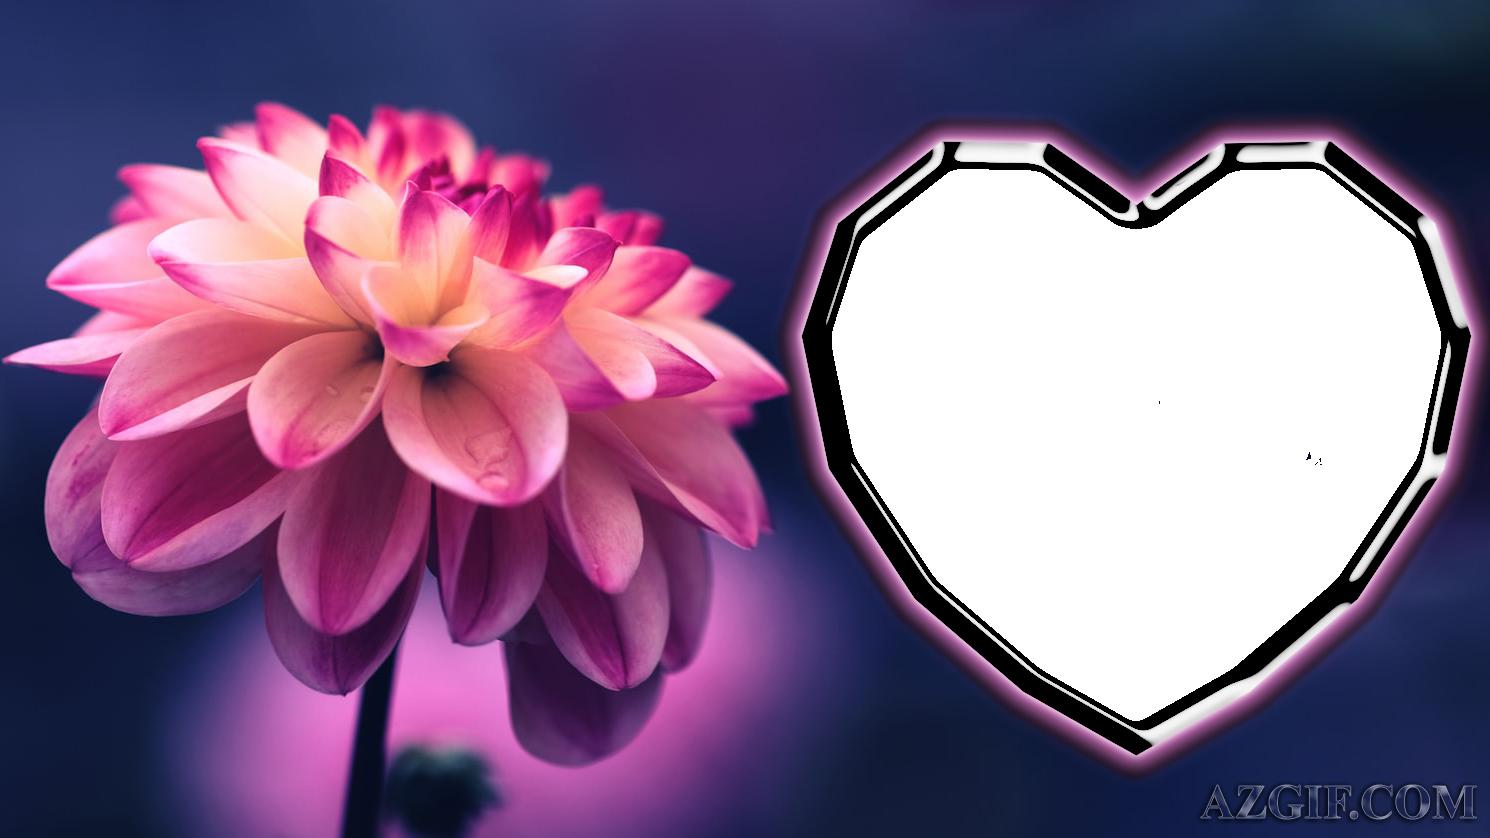 Marcos de Fotos Efecto Flor 1 - Marcos de Fotos Efecto Flor